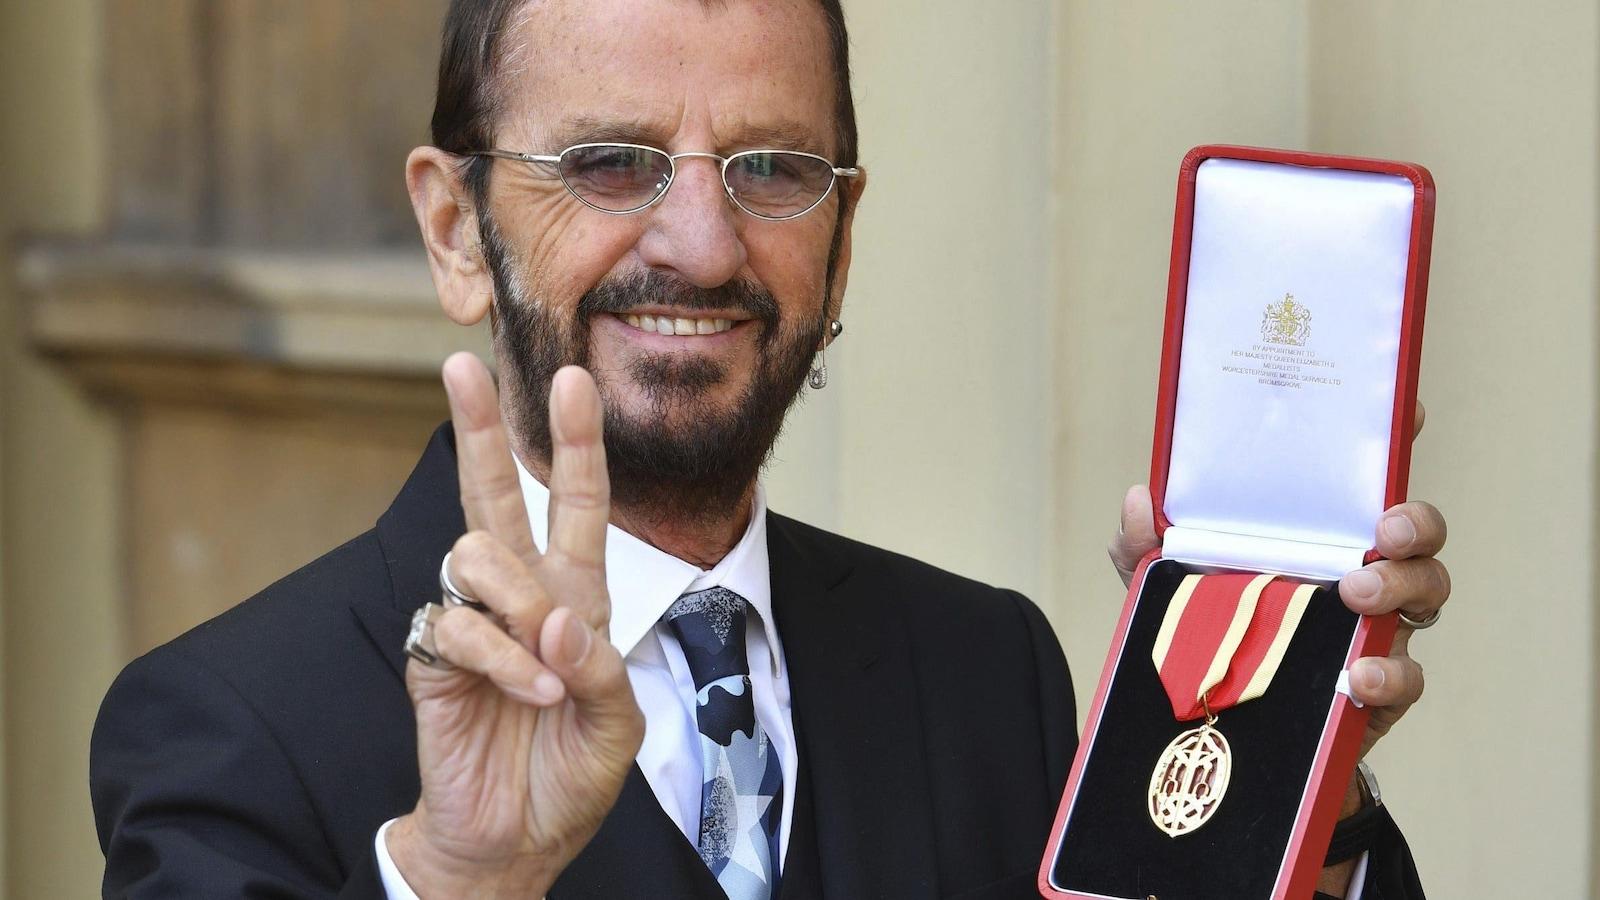 Ringo Starr tenant une médaille.